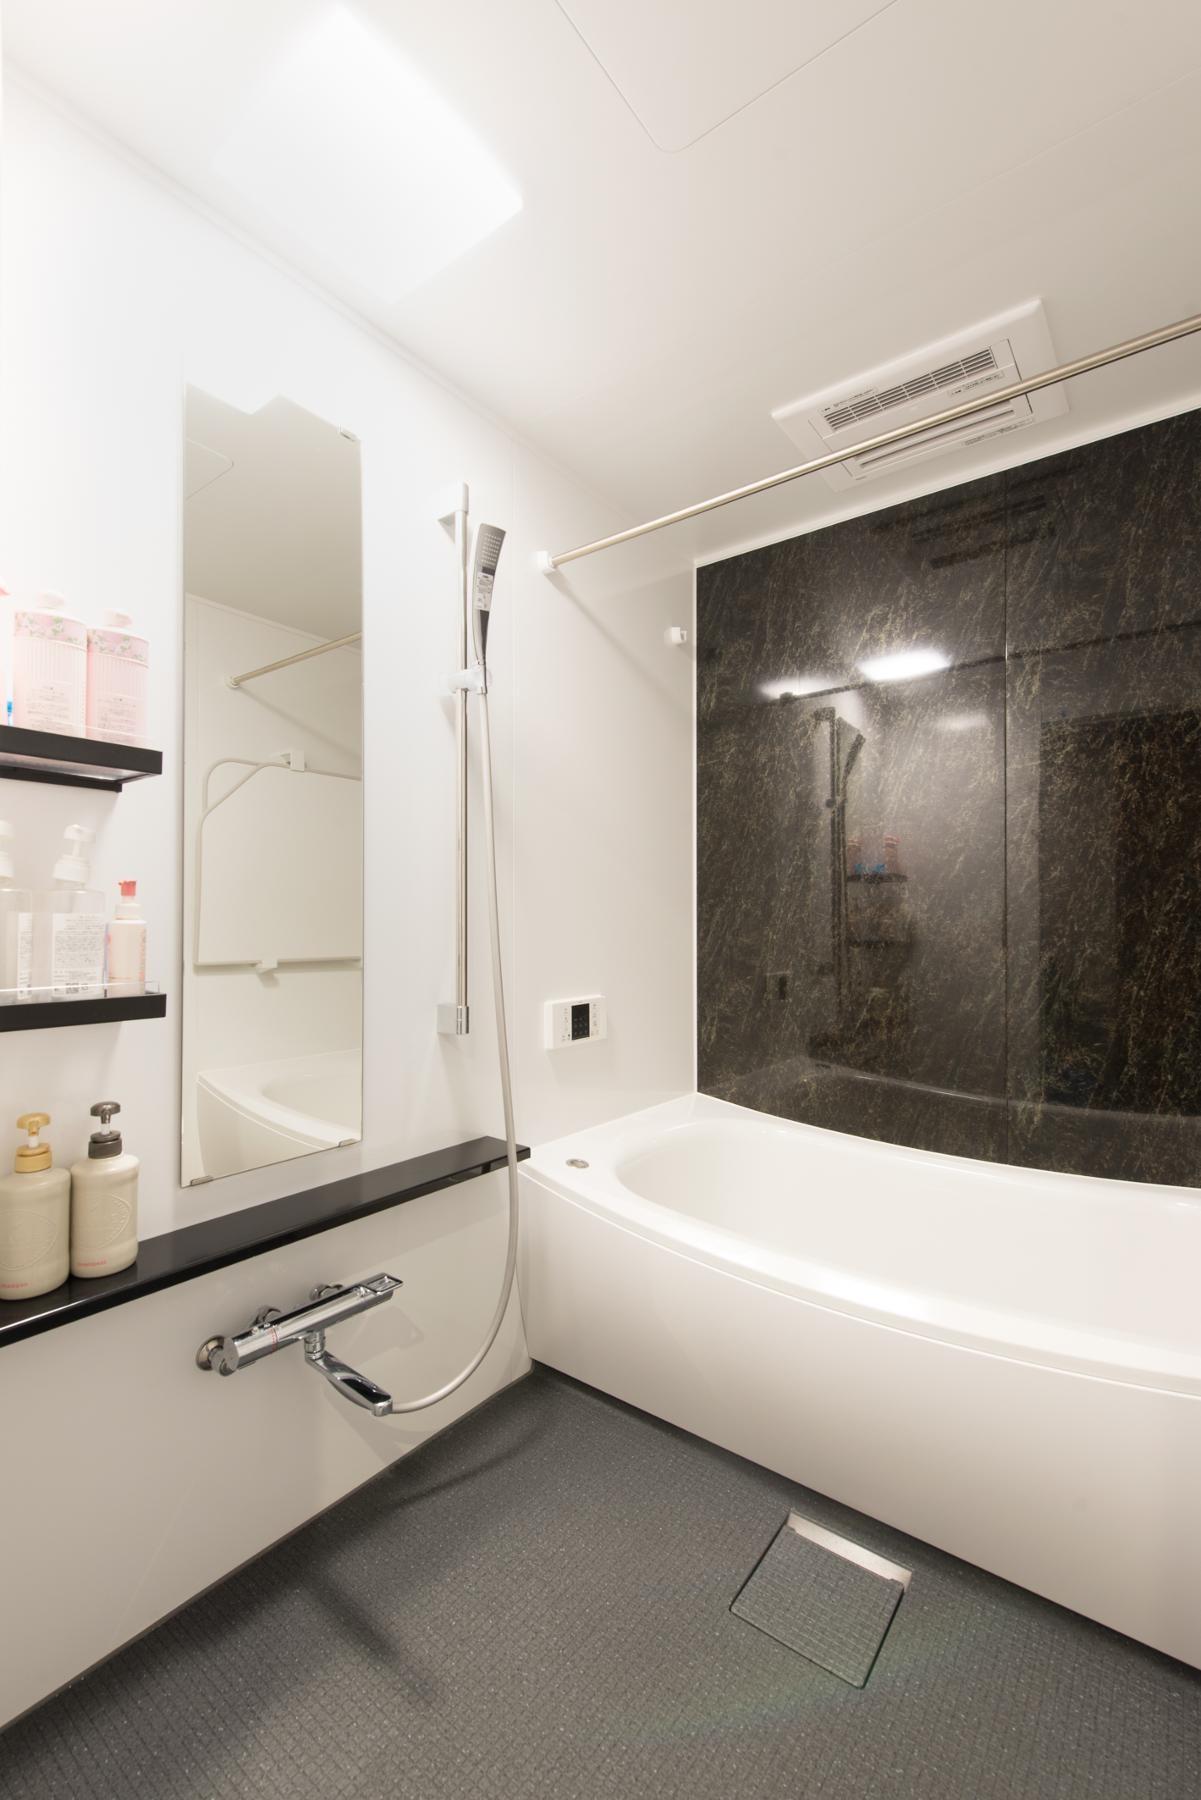 バス/トイレ事例:浴室(中古マンションリノベーション〜「自分らしい空間を実現したい」)